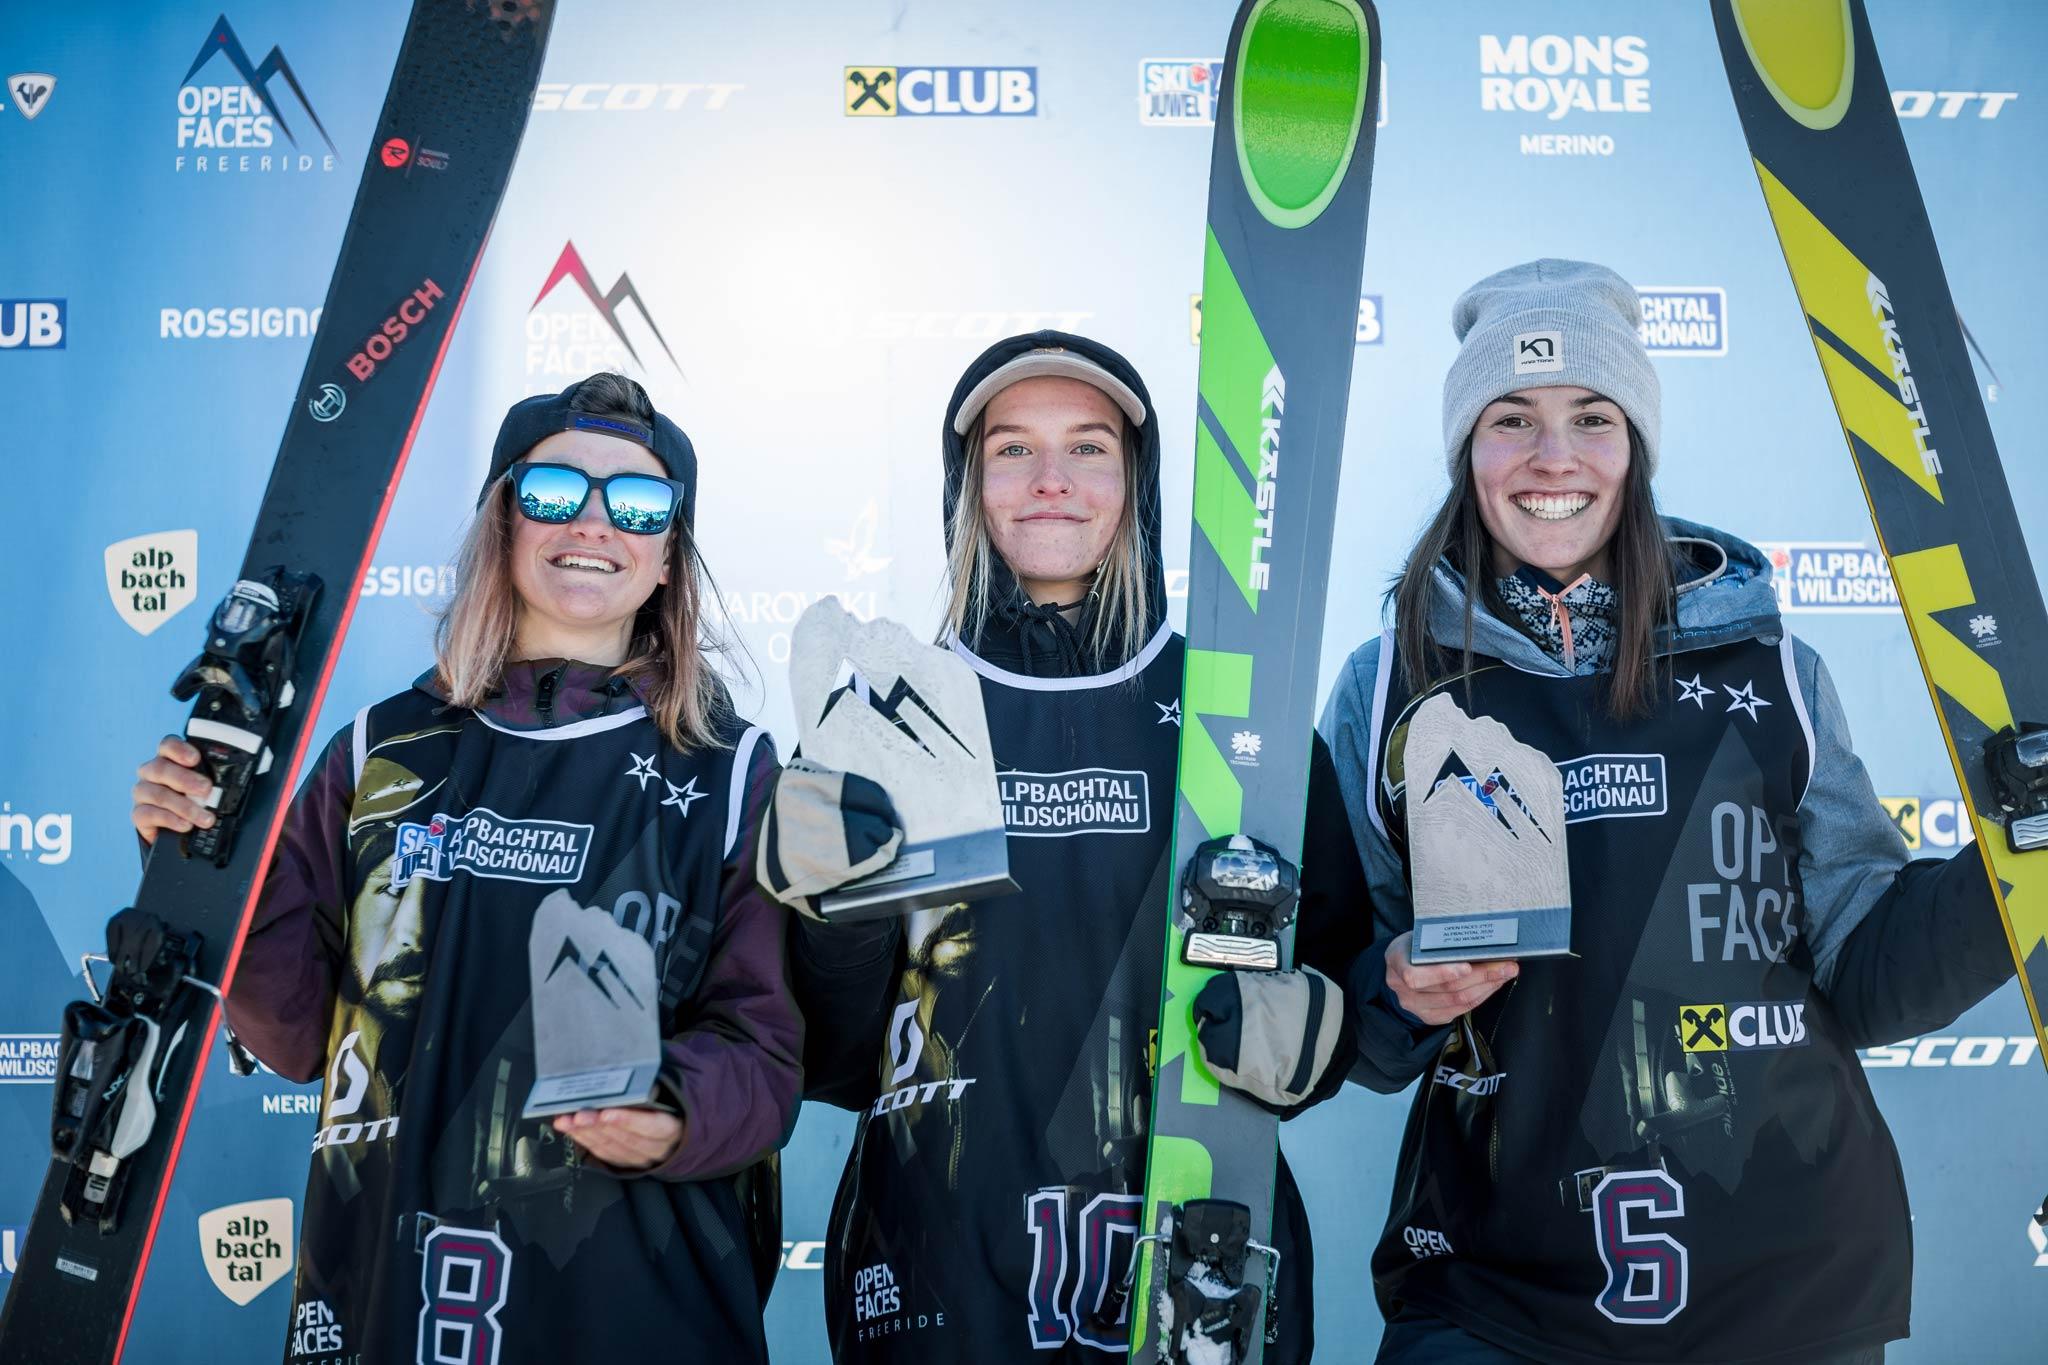 Die drei besten in der Kategorie U18 Ski Damen: Jil Lehnert (GER), Stefanie Freimann (AUT), Tina Bliznakova (BGR) - Foto: Mia Knoll